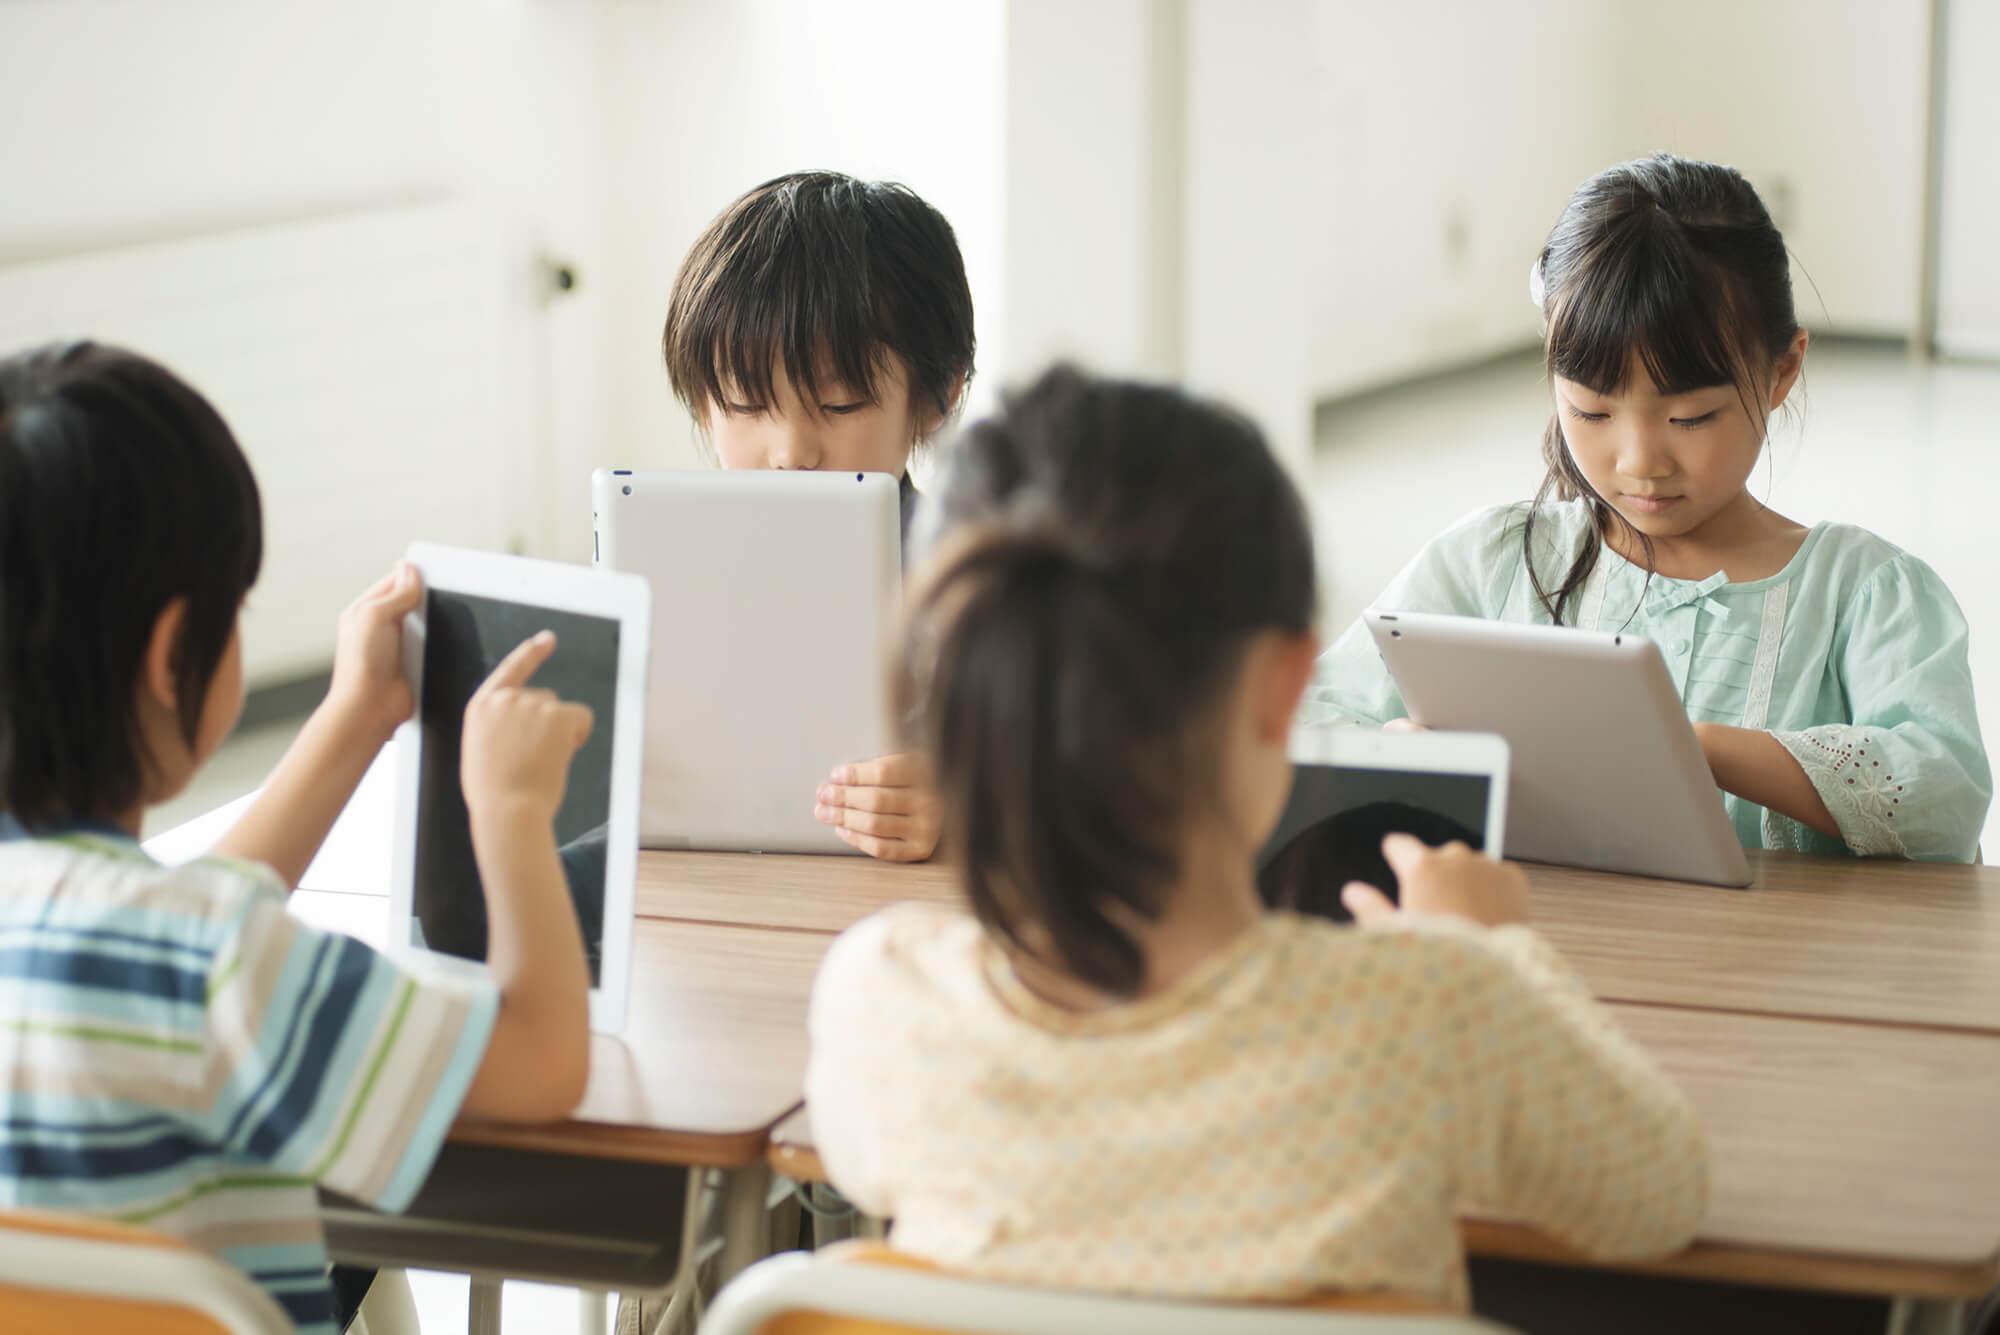 学校で導入しているモバイルデバイスを簡単に管理する